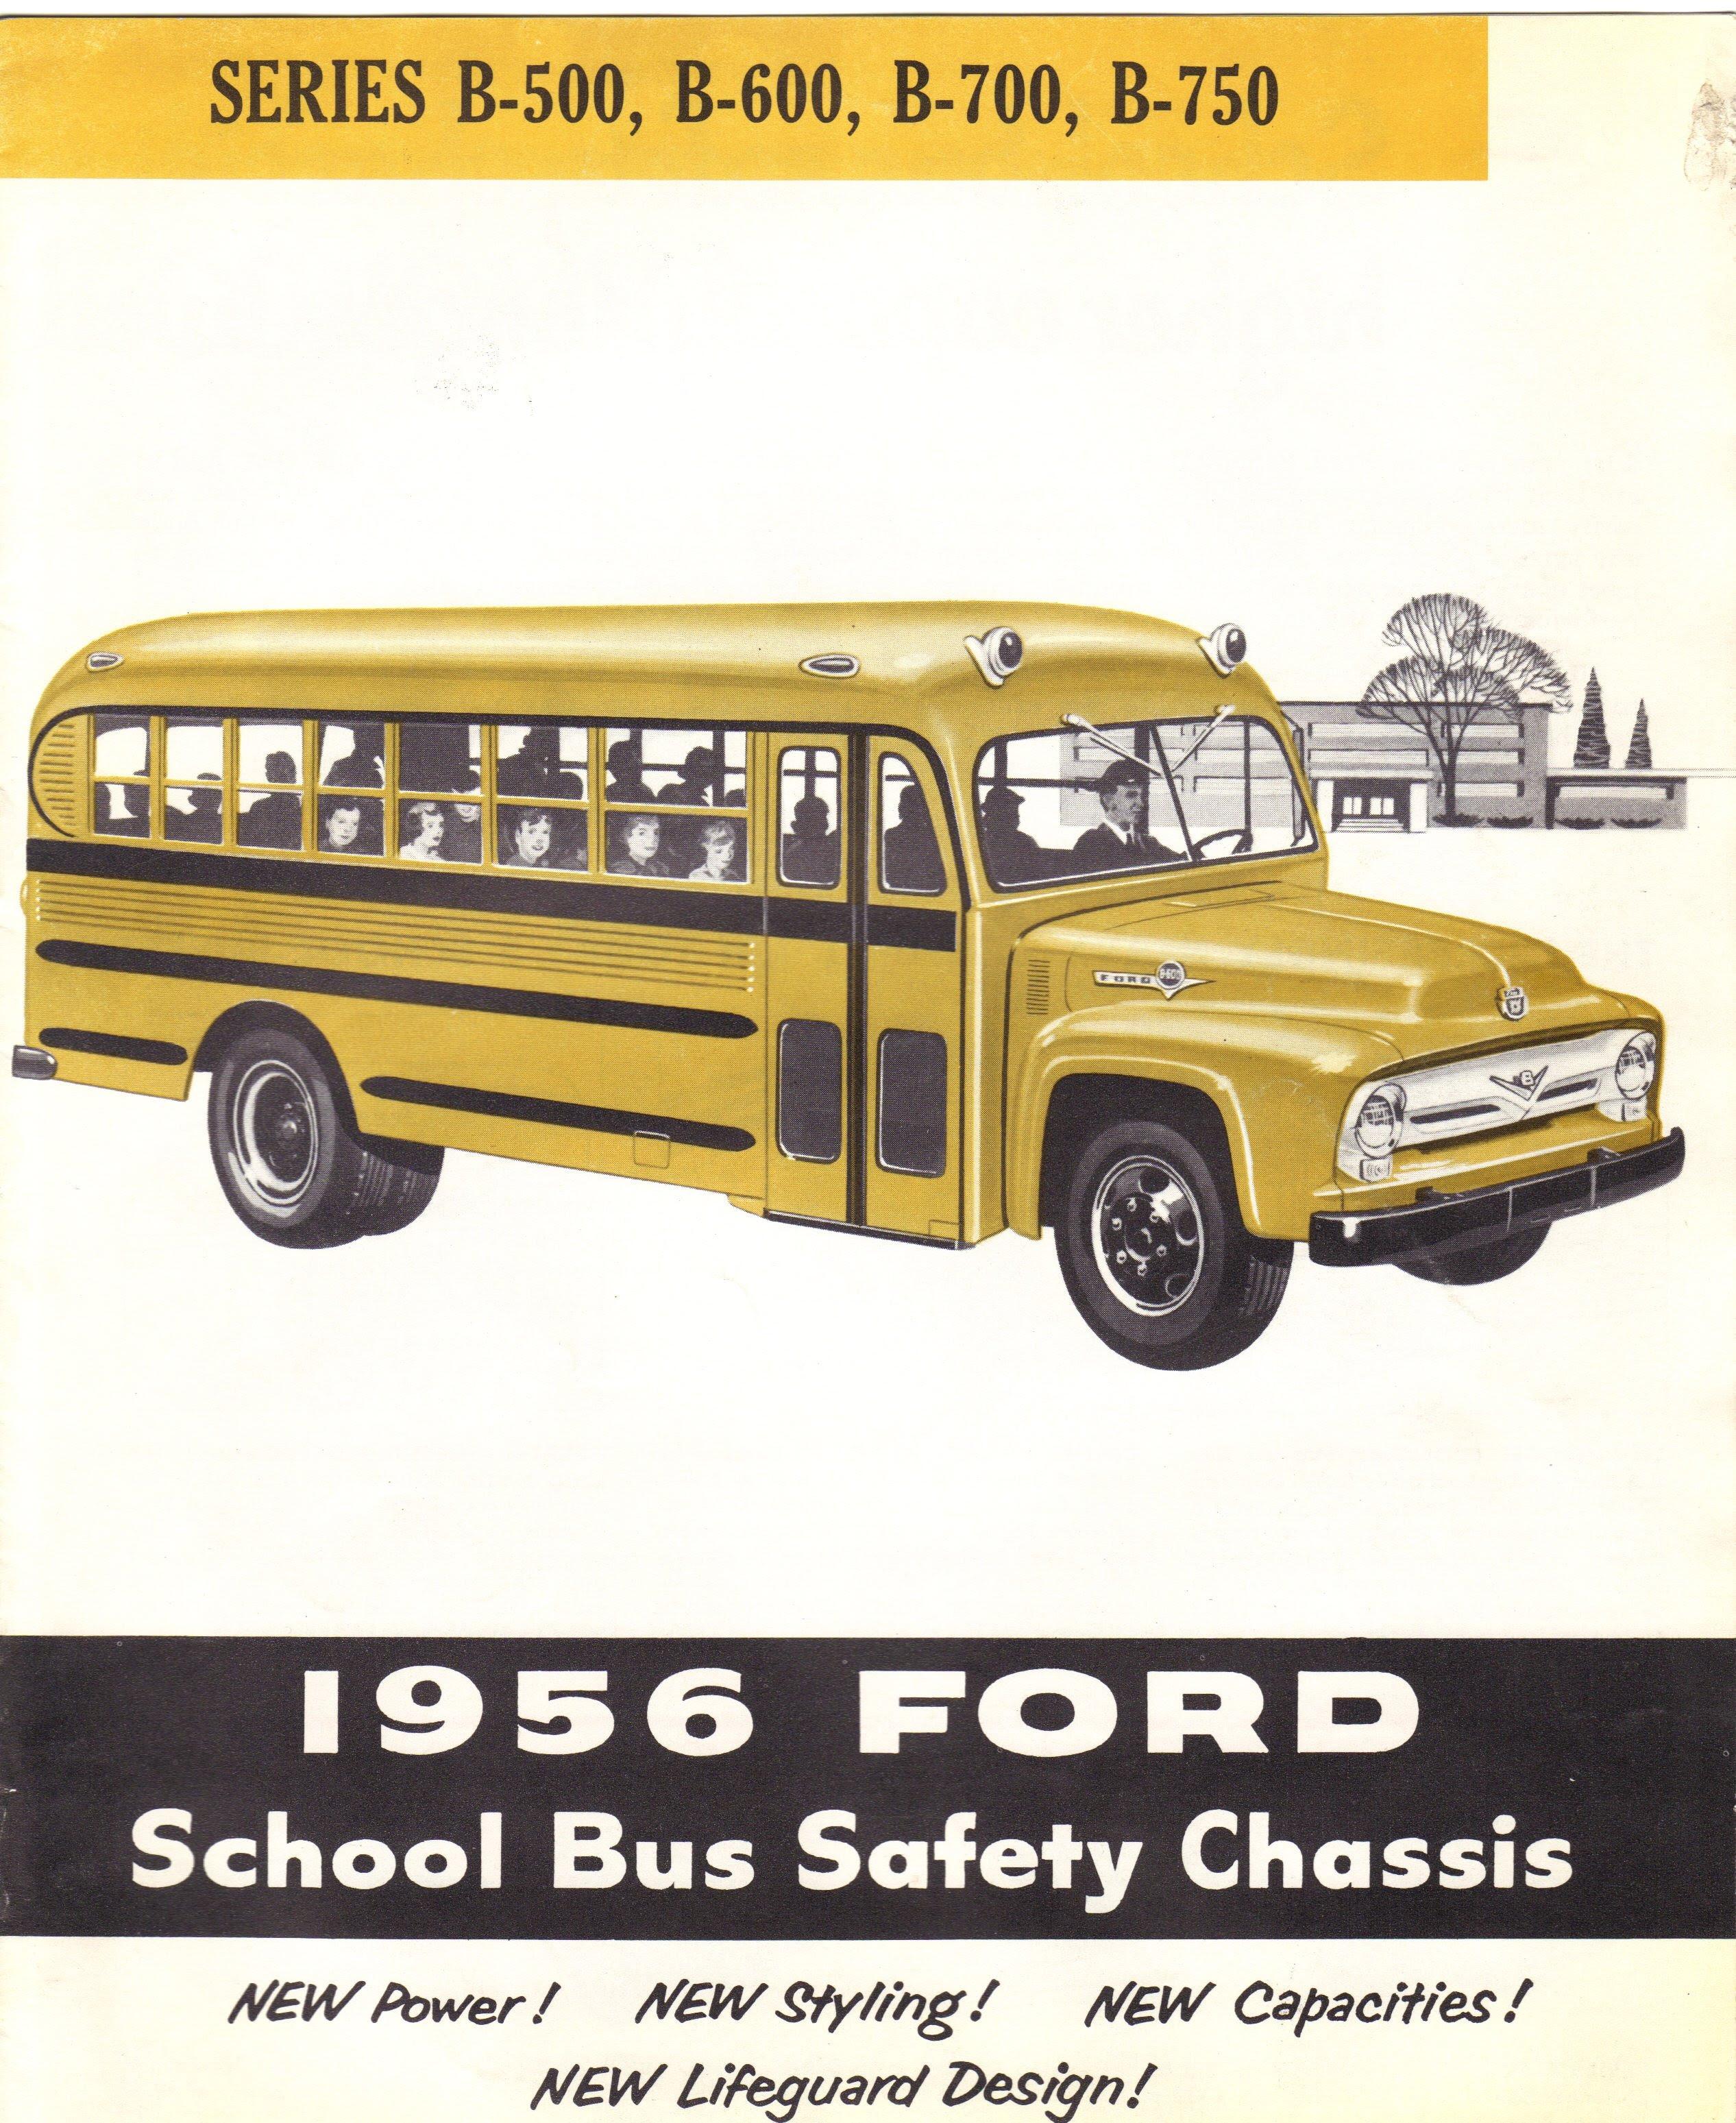 1956 fordbus-1 ad